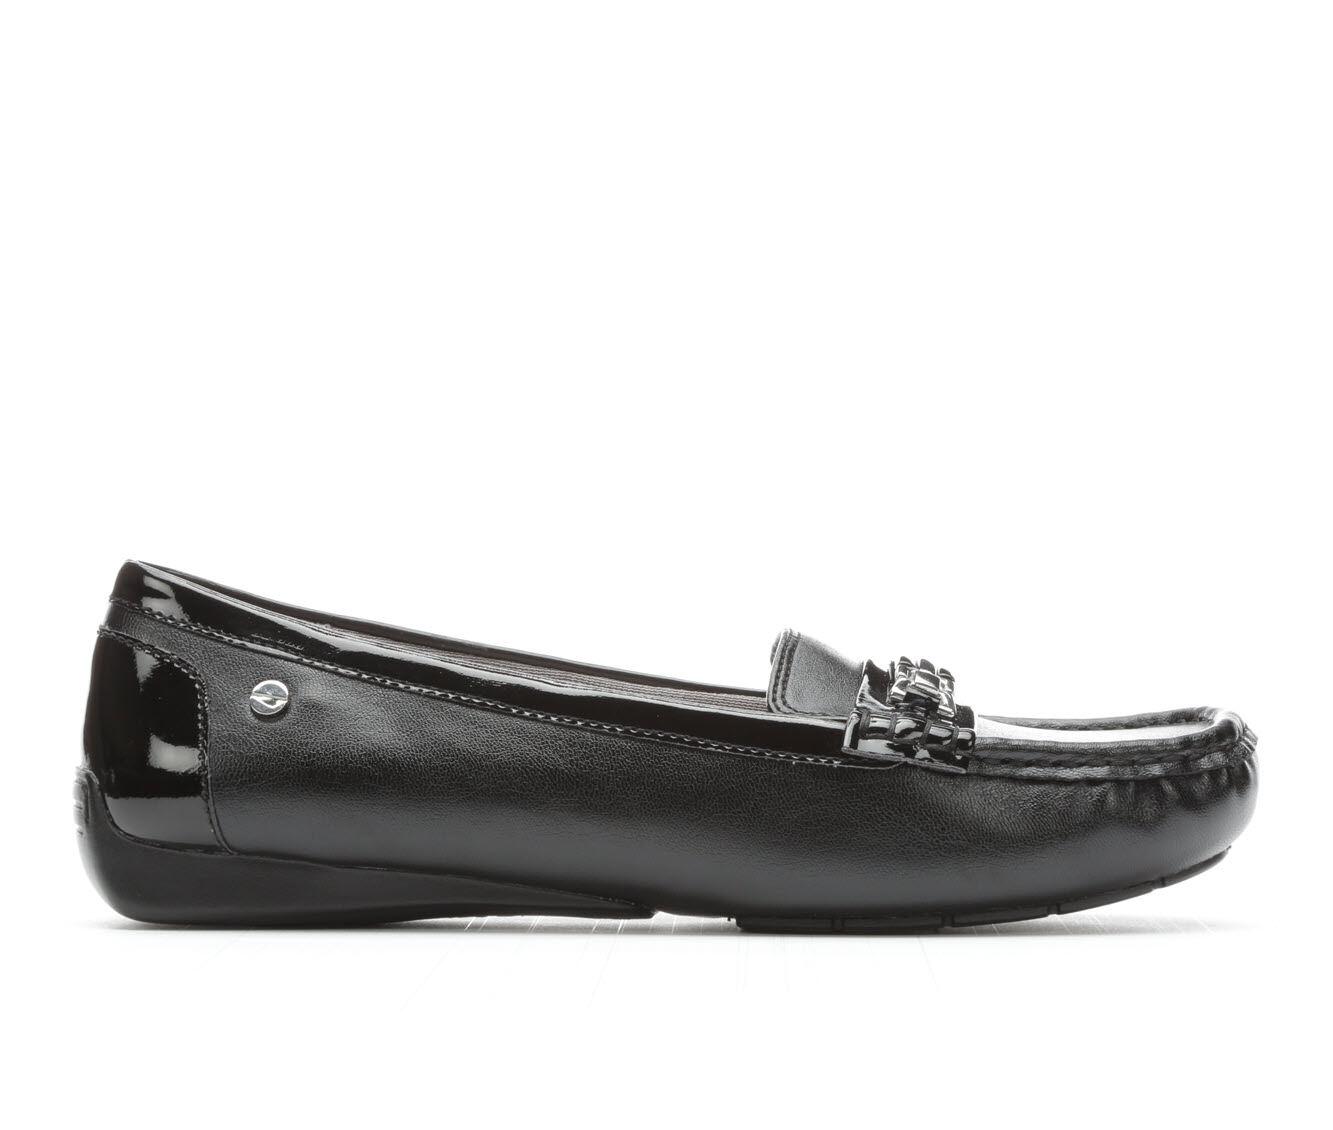 Women's LifeStride Vanity Loafers Black/Black Pat